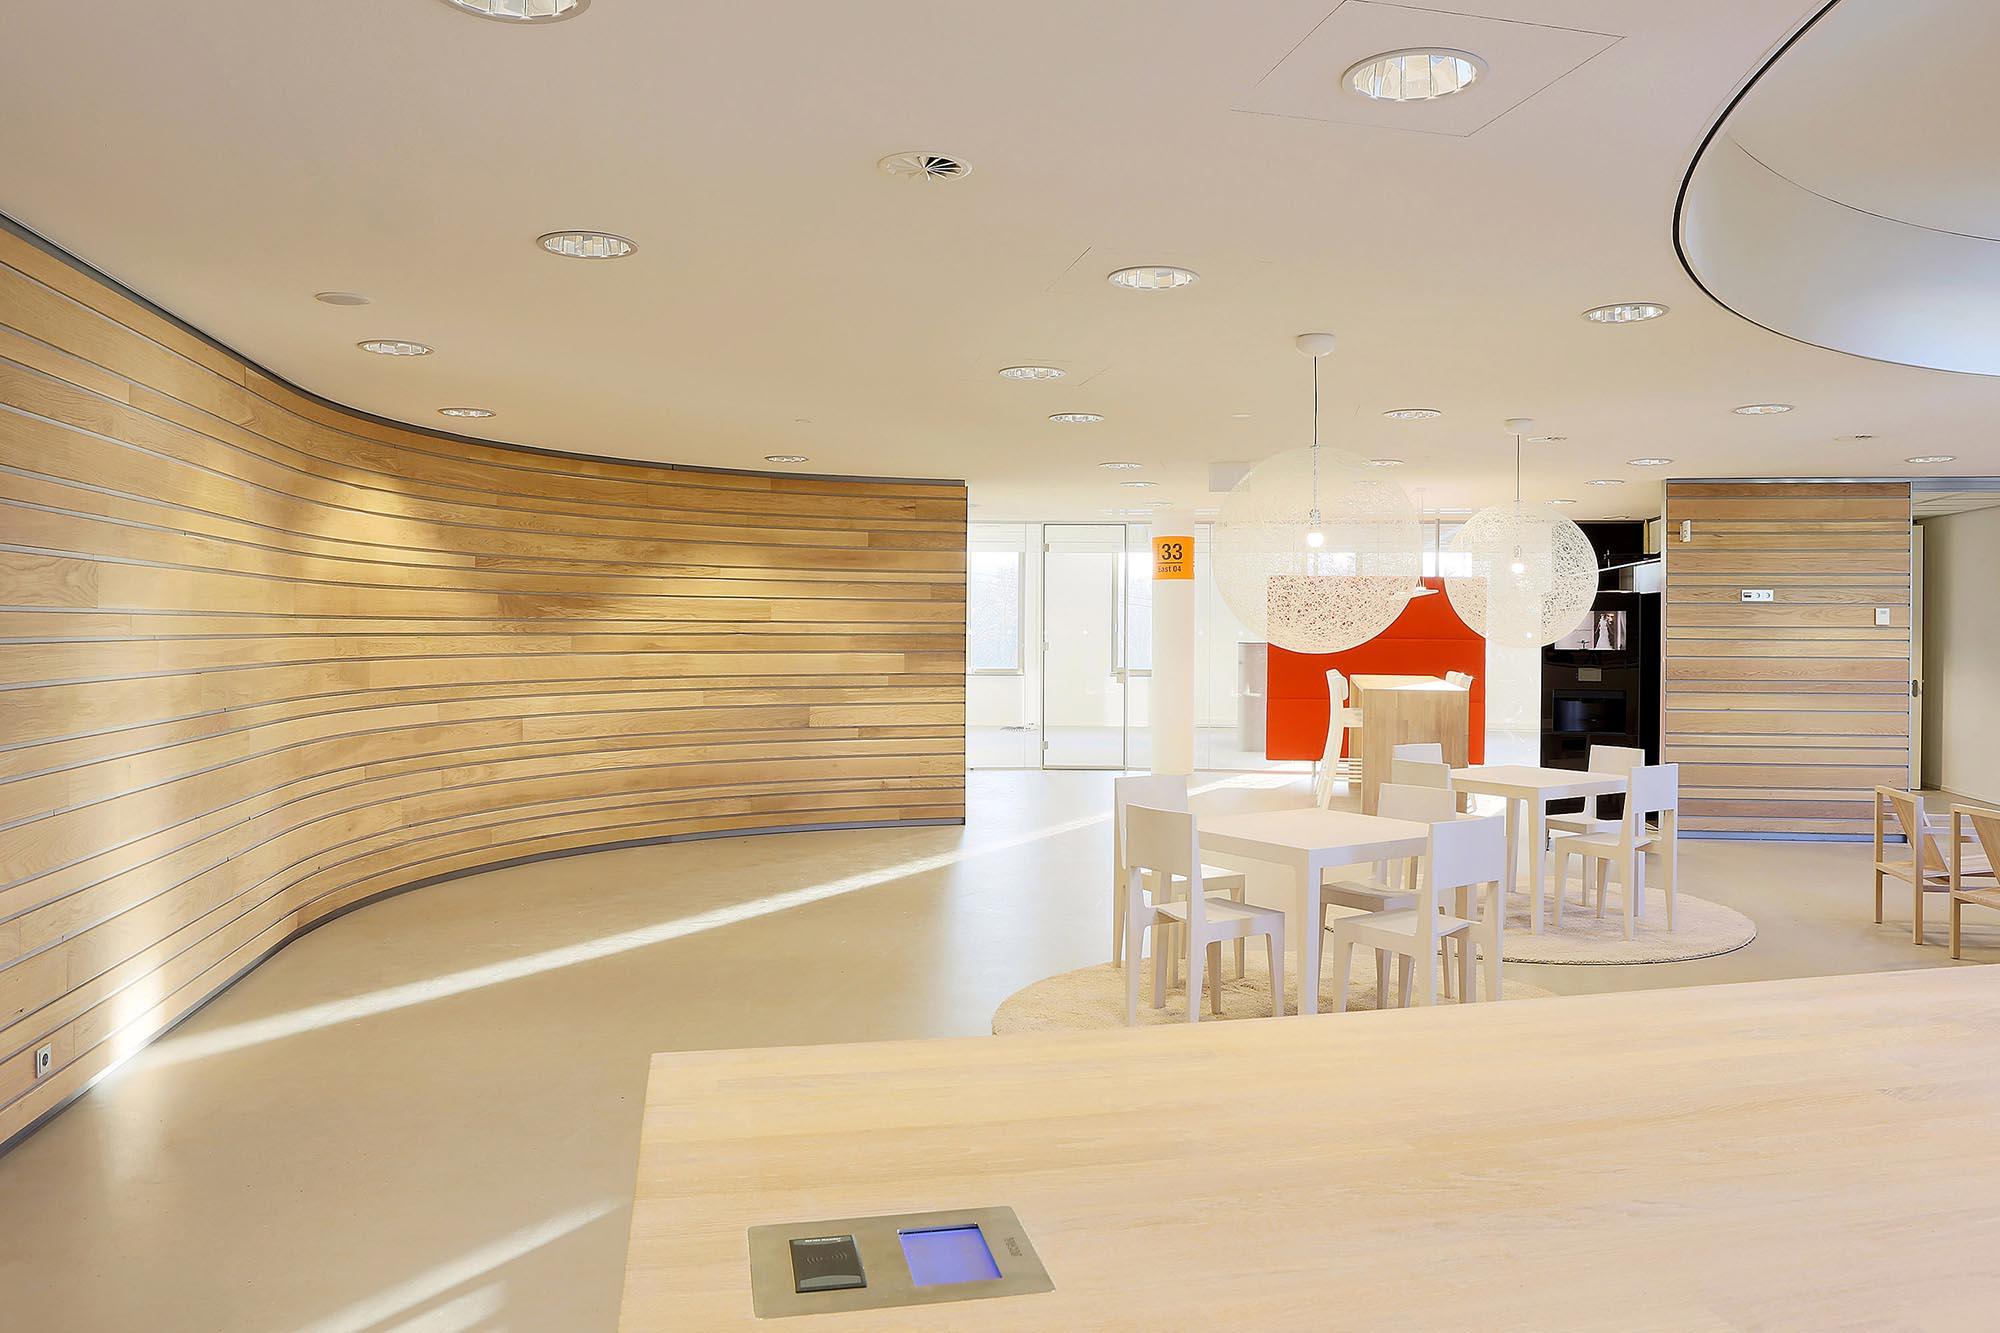 Naadloos Akoestisch Systeemplafond Monolitisch Plafond Egaal Intermontage